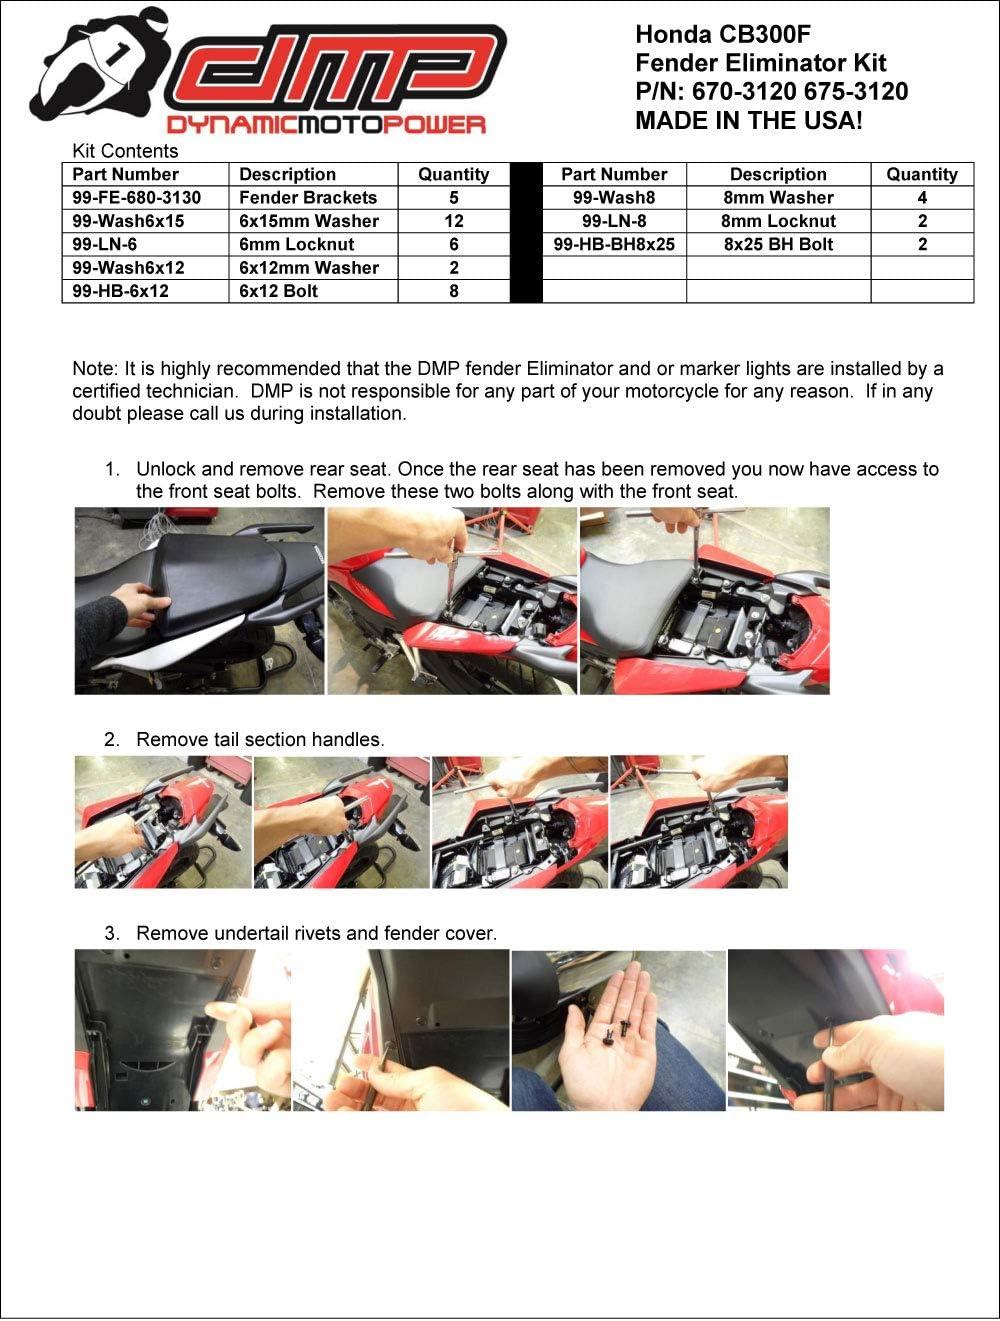 BUNGAO STORE Rear Brake Pedal Step Tips For Husaberg TE FE 125 150 200 250 300 350 390 450 501 570 2009-2014 Husqvarna TE FE TC FC KTM SX EXC